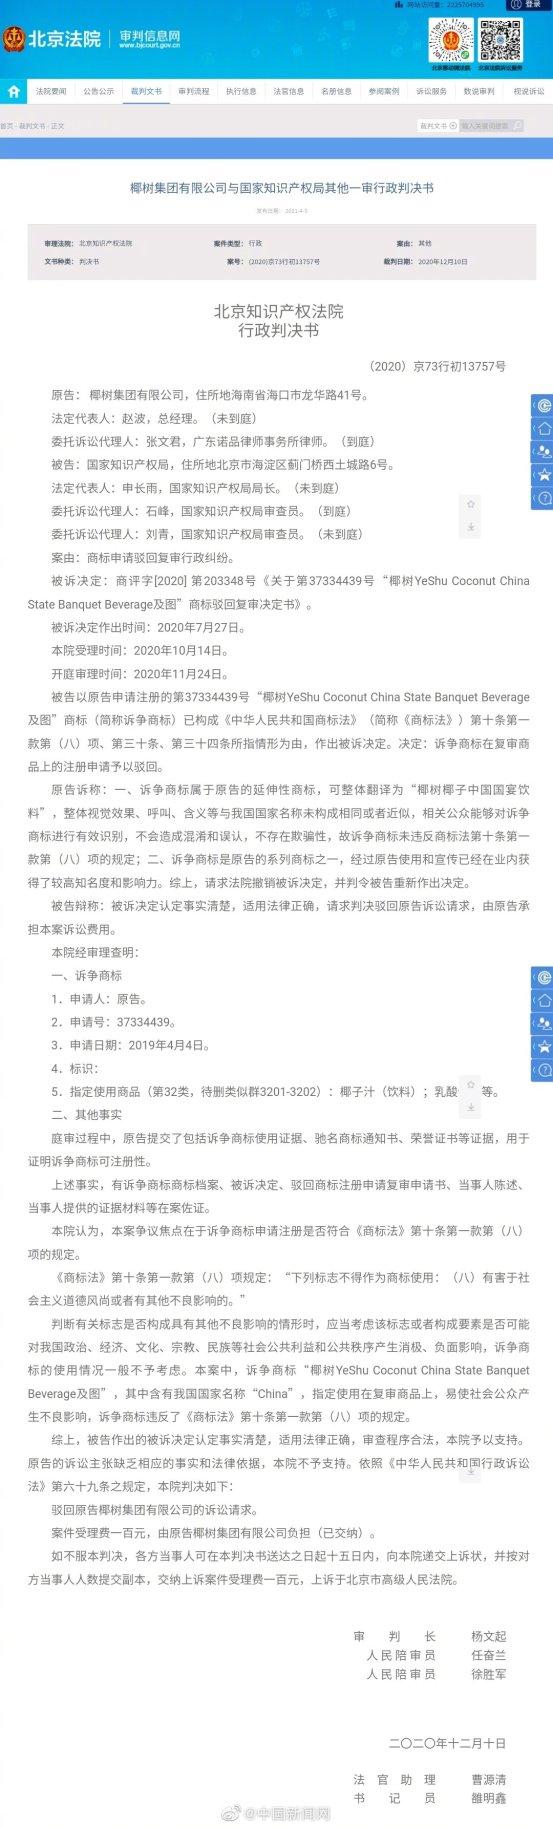 """椰子""""国宴酒""""商标申请被驳回并获准""""不要自大"""" -News-cnBeta.COM"""